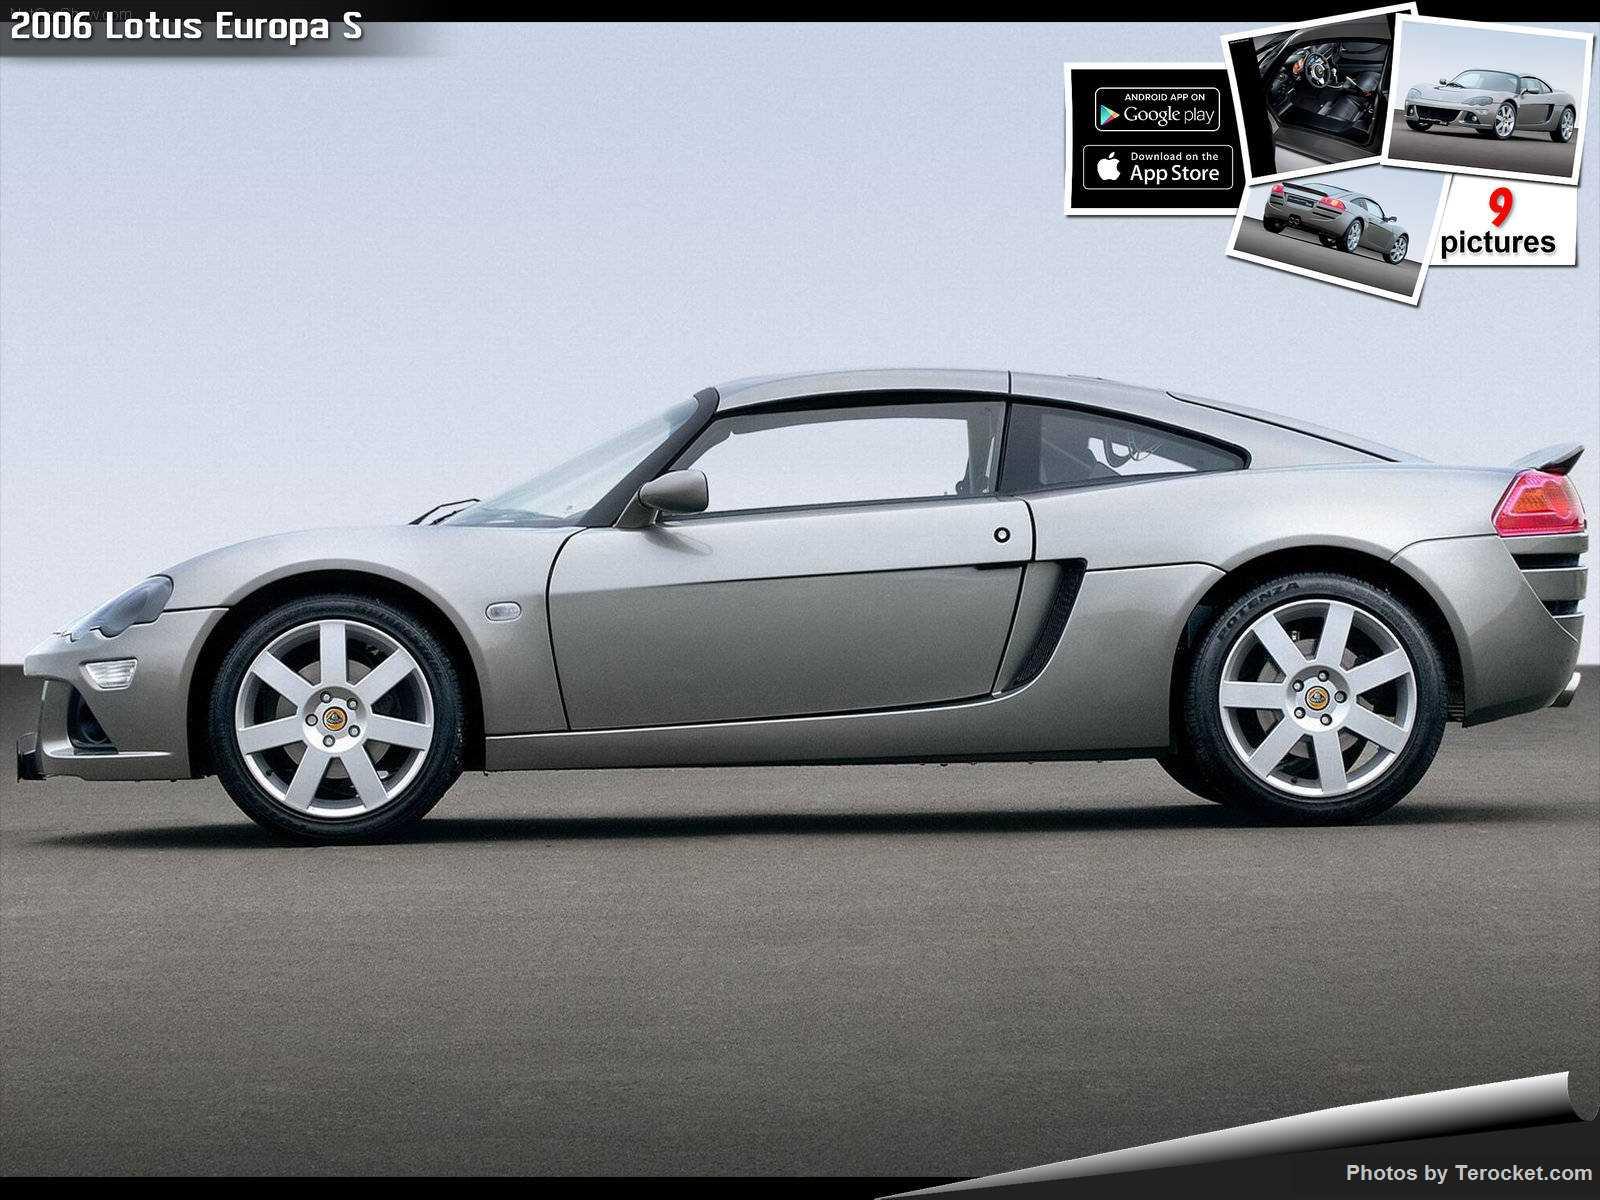 Hình ảnh siêu xe Lotus Europa S 2006 & nội ngoại thất